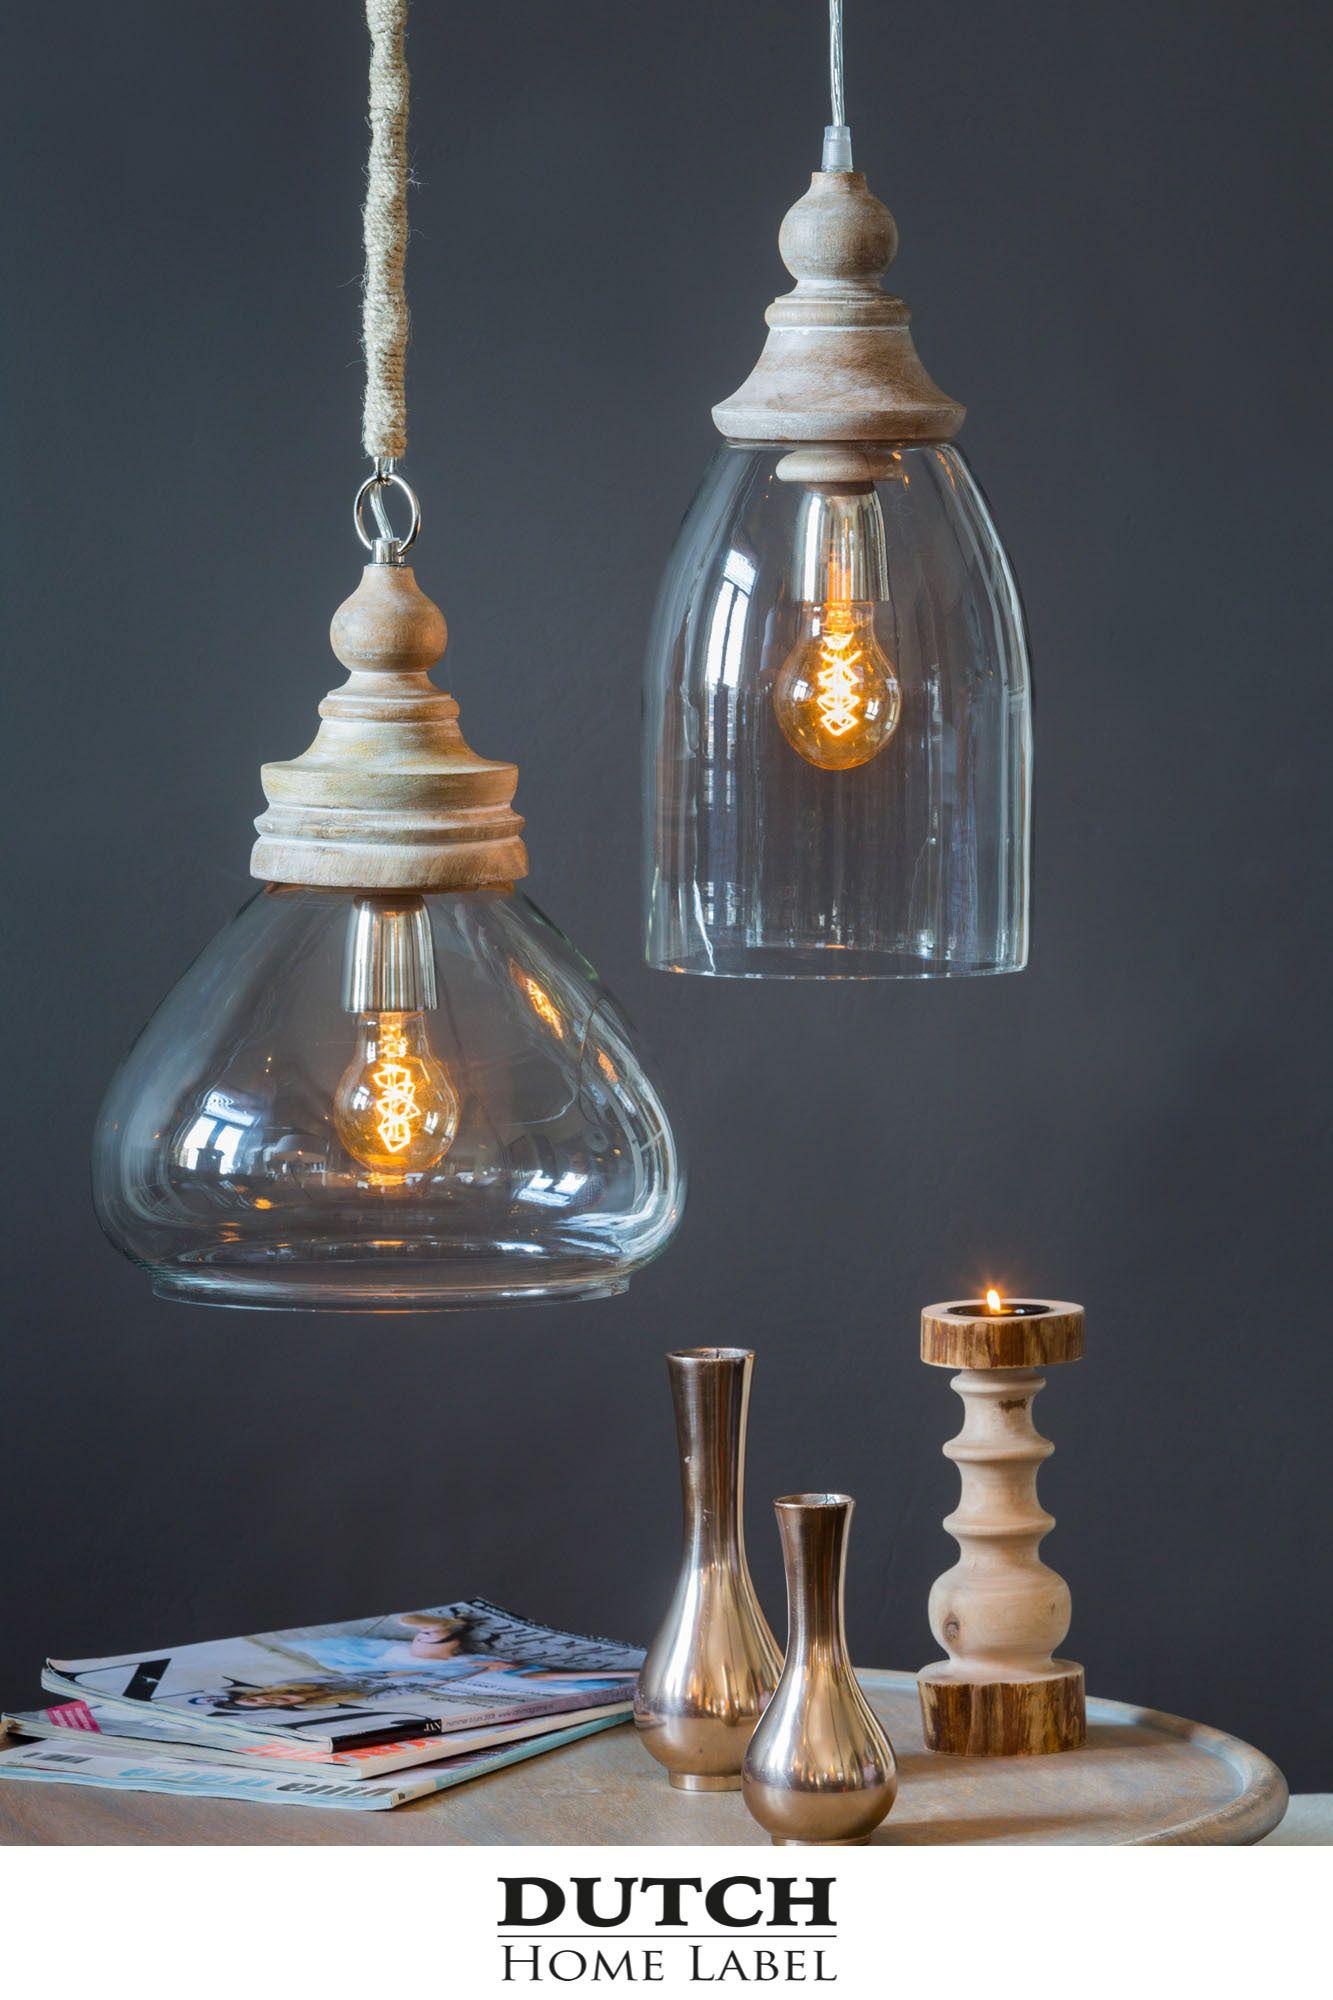 Goede Prachtige hanglamp van het merk Light & Living, waarbij een KB-84